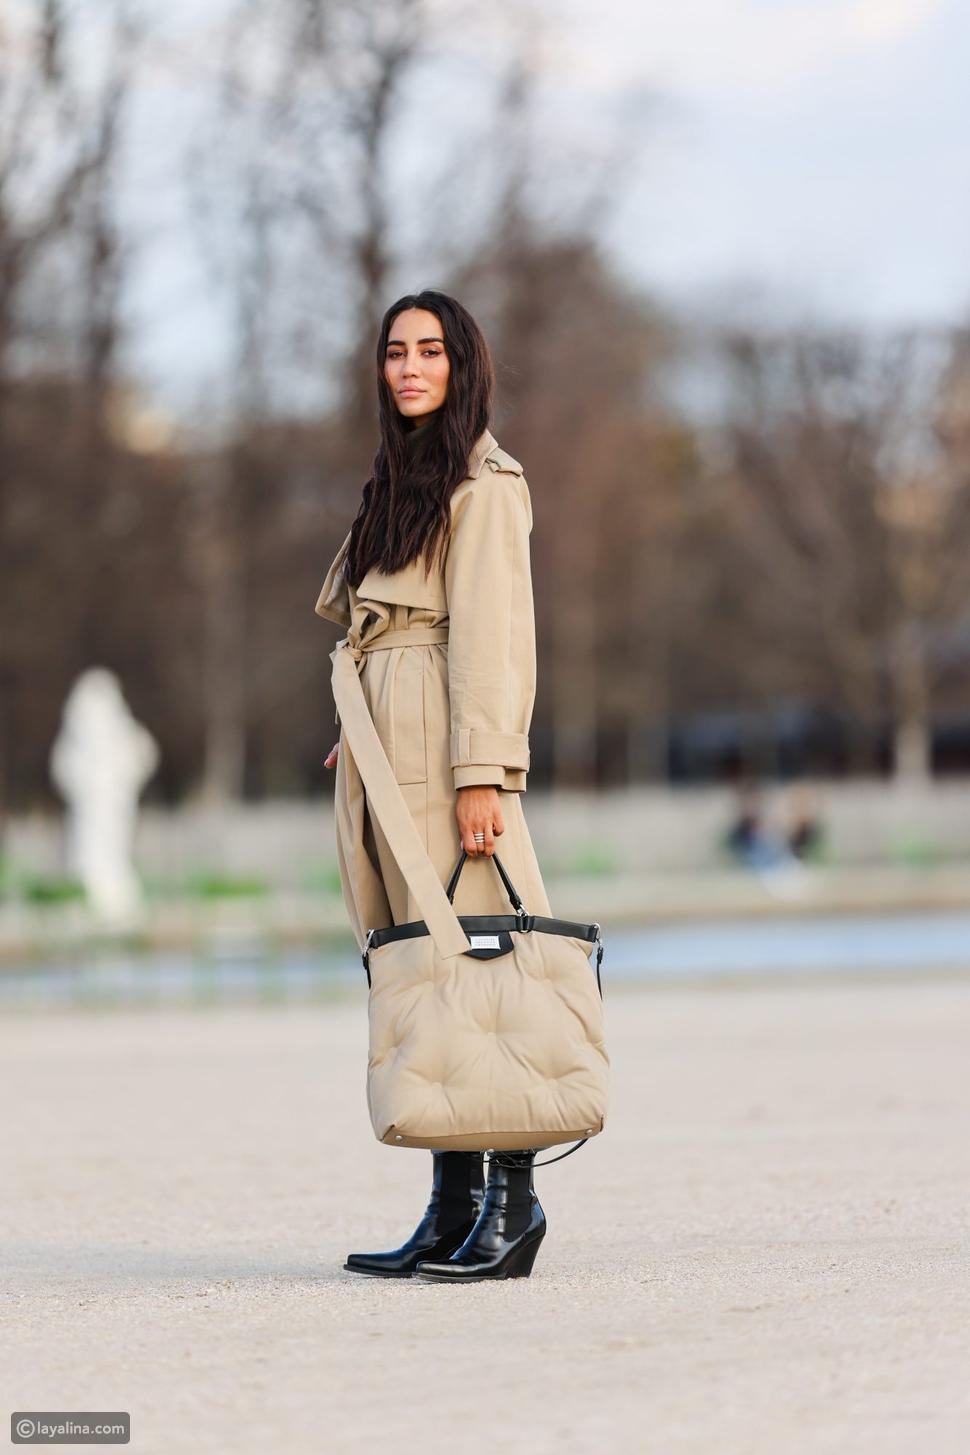 احملي حقيبة يد مبطنة أنيقة بنفس لون ملابسك